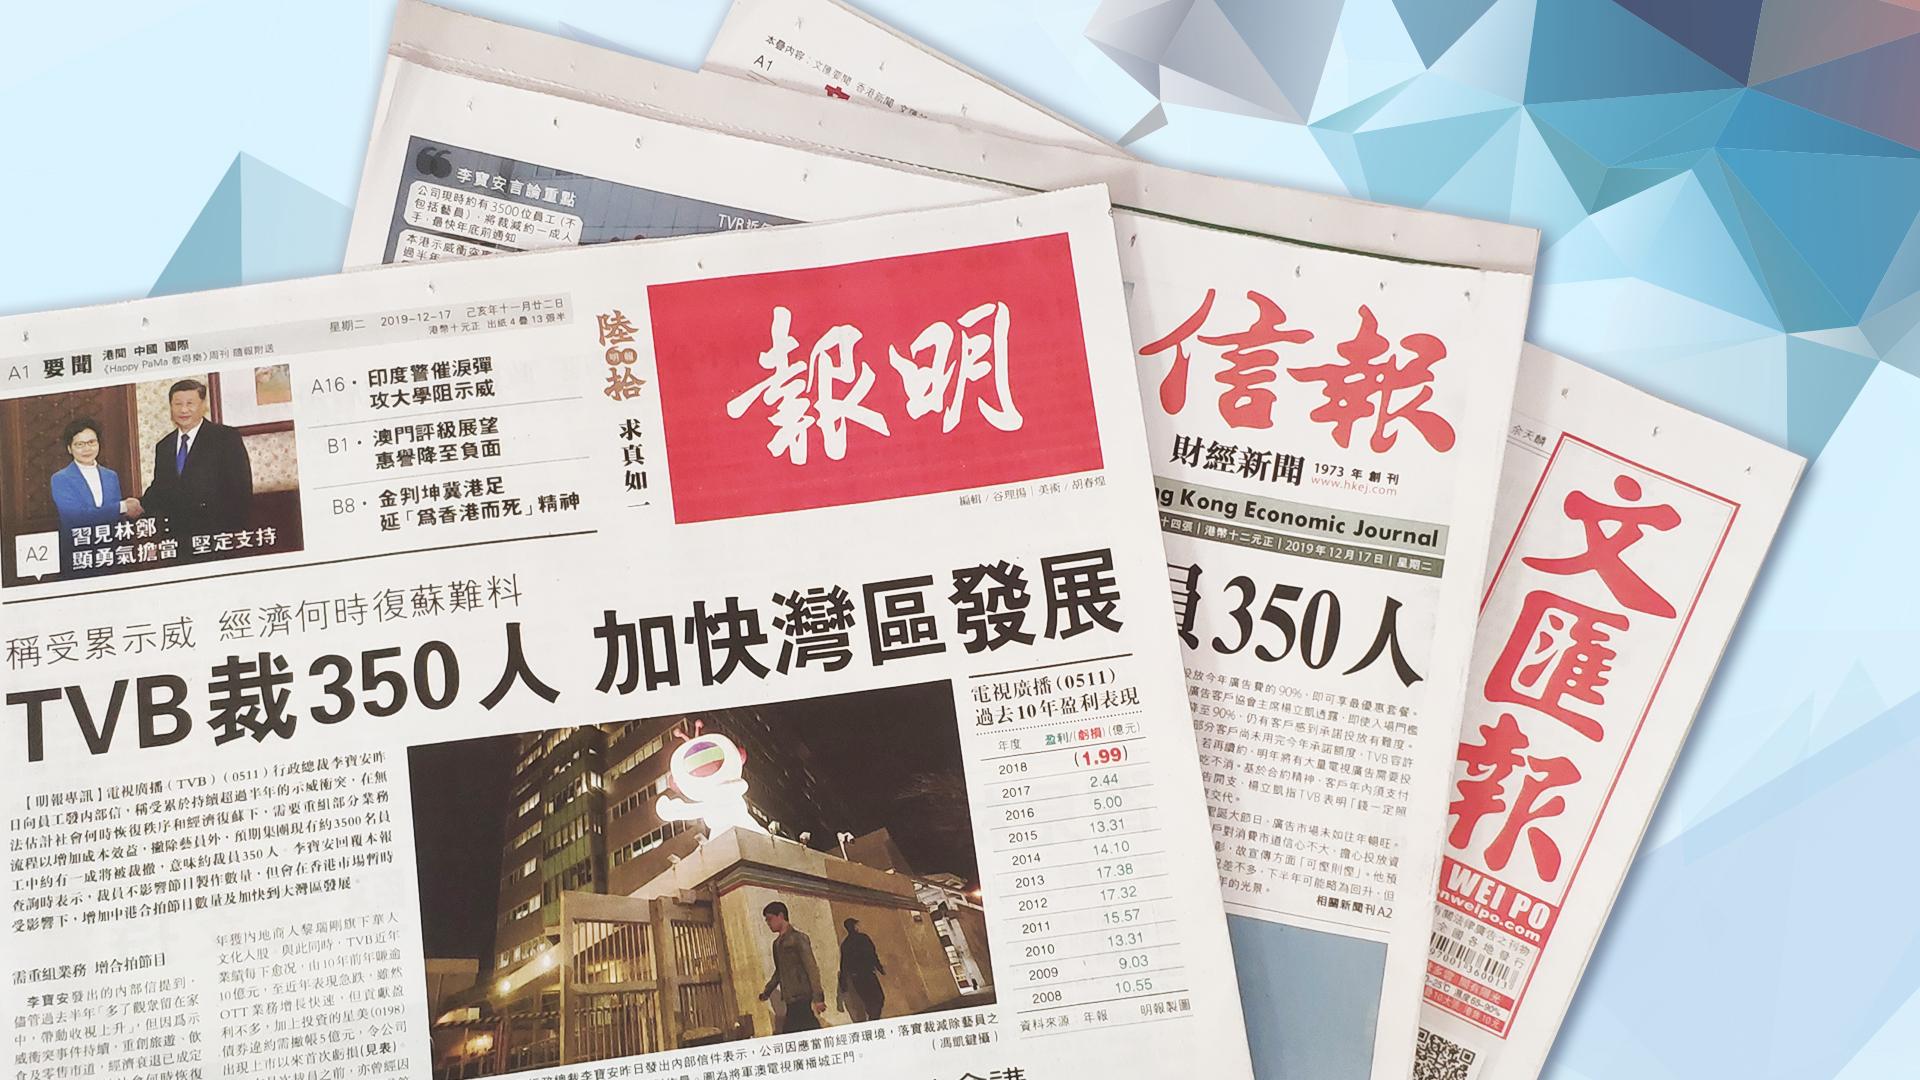 【報章A1速覽】稱受累示威 經濟何時復蘇難料 TVB裁350人 加快灣區發展;習:堅定撐警隊嚴正執法 稱林鄭非常時期顯擔當